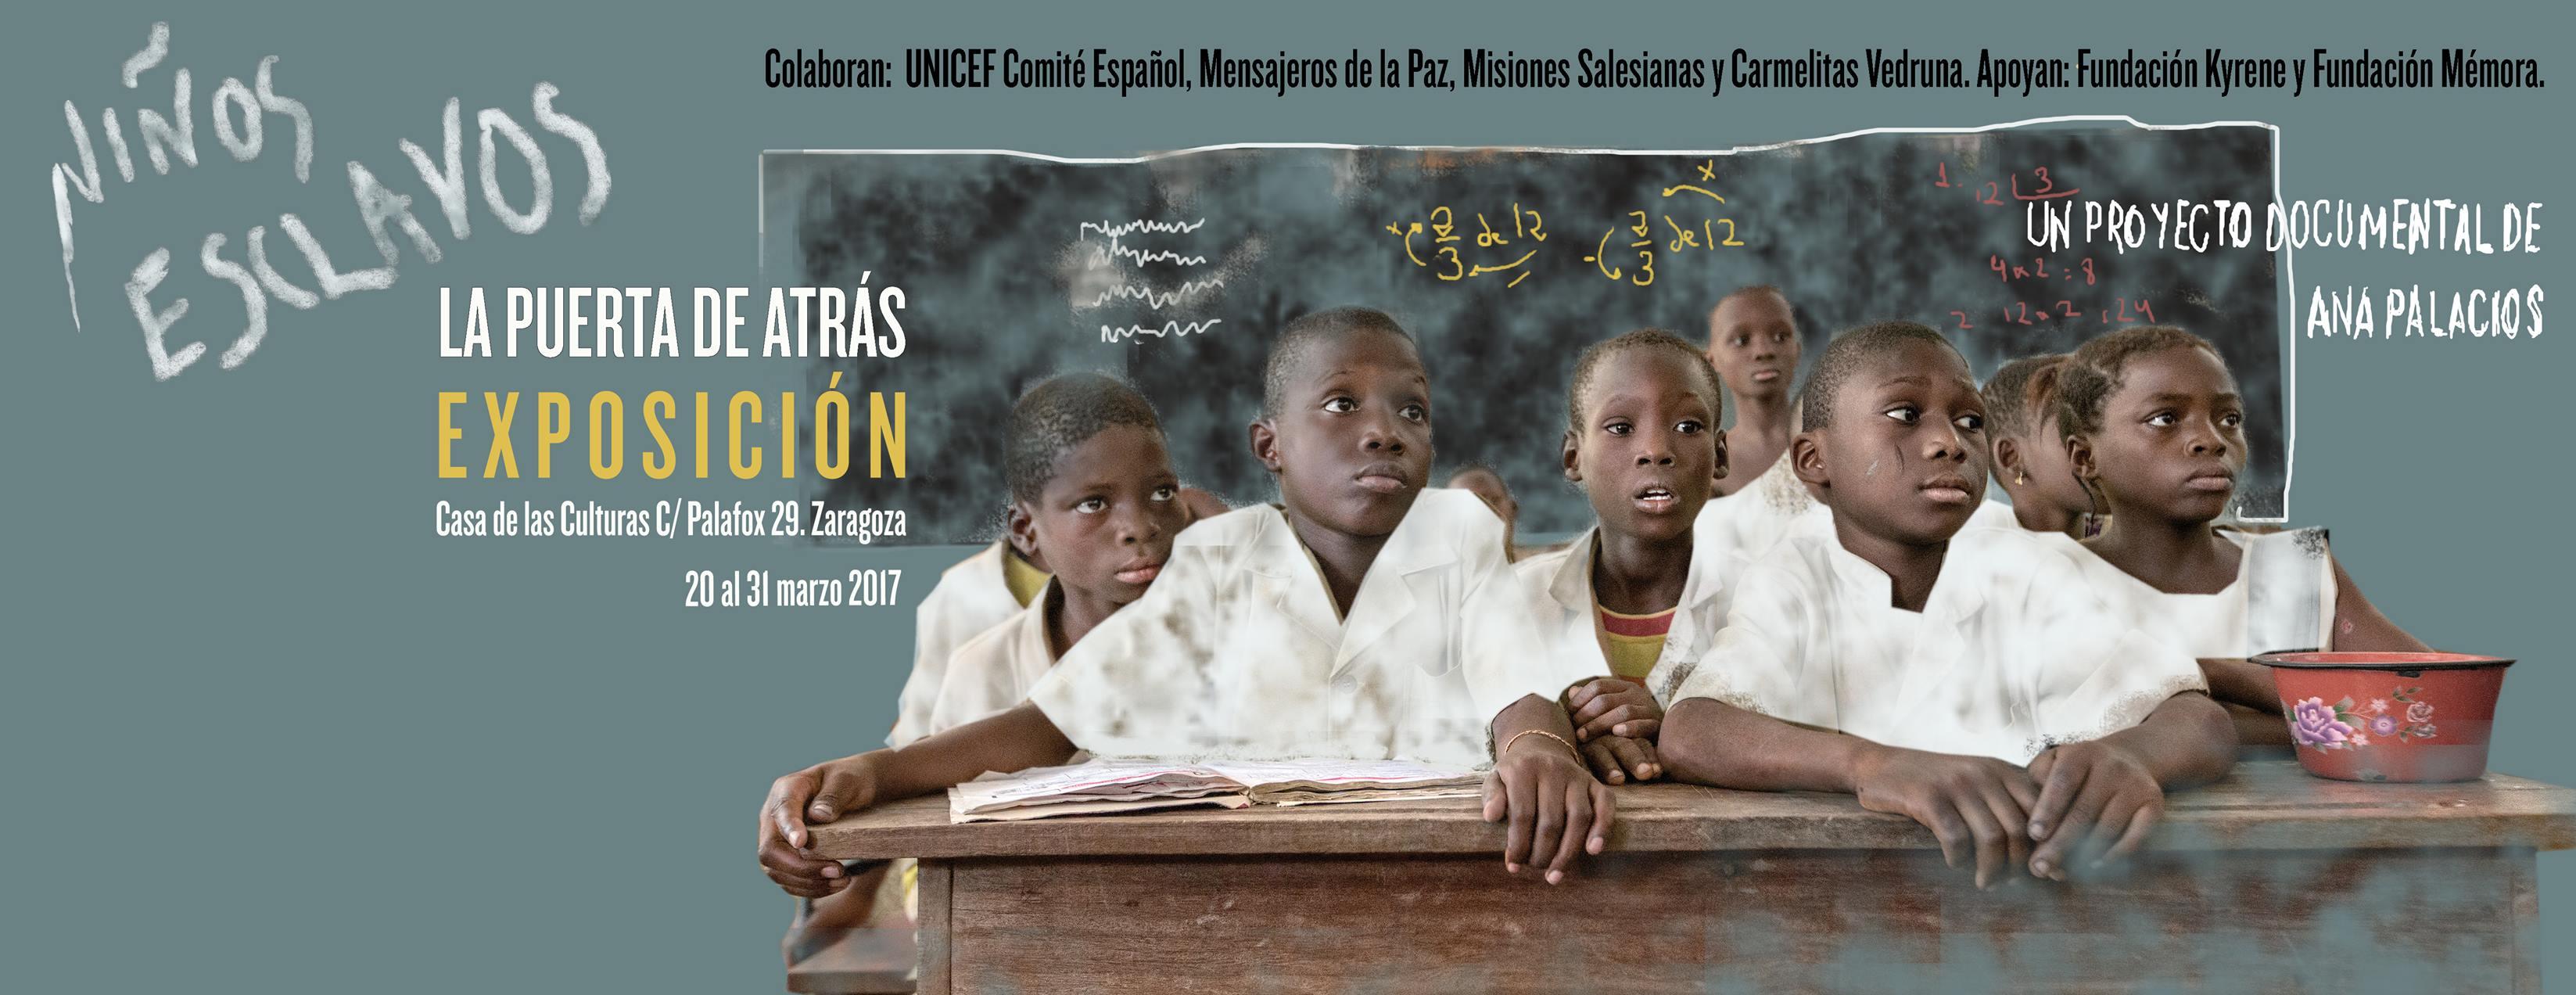 Niños esclavos. La puerta de atrás de Ana Palacios en Zaragoza